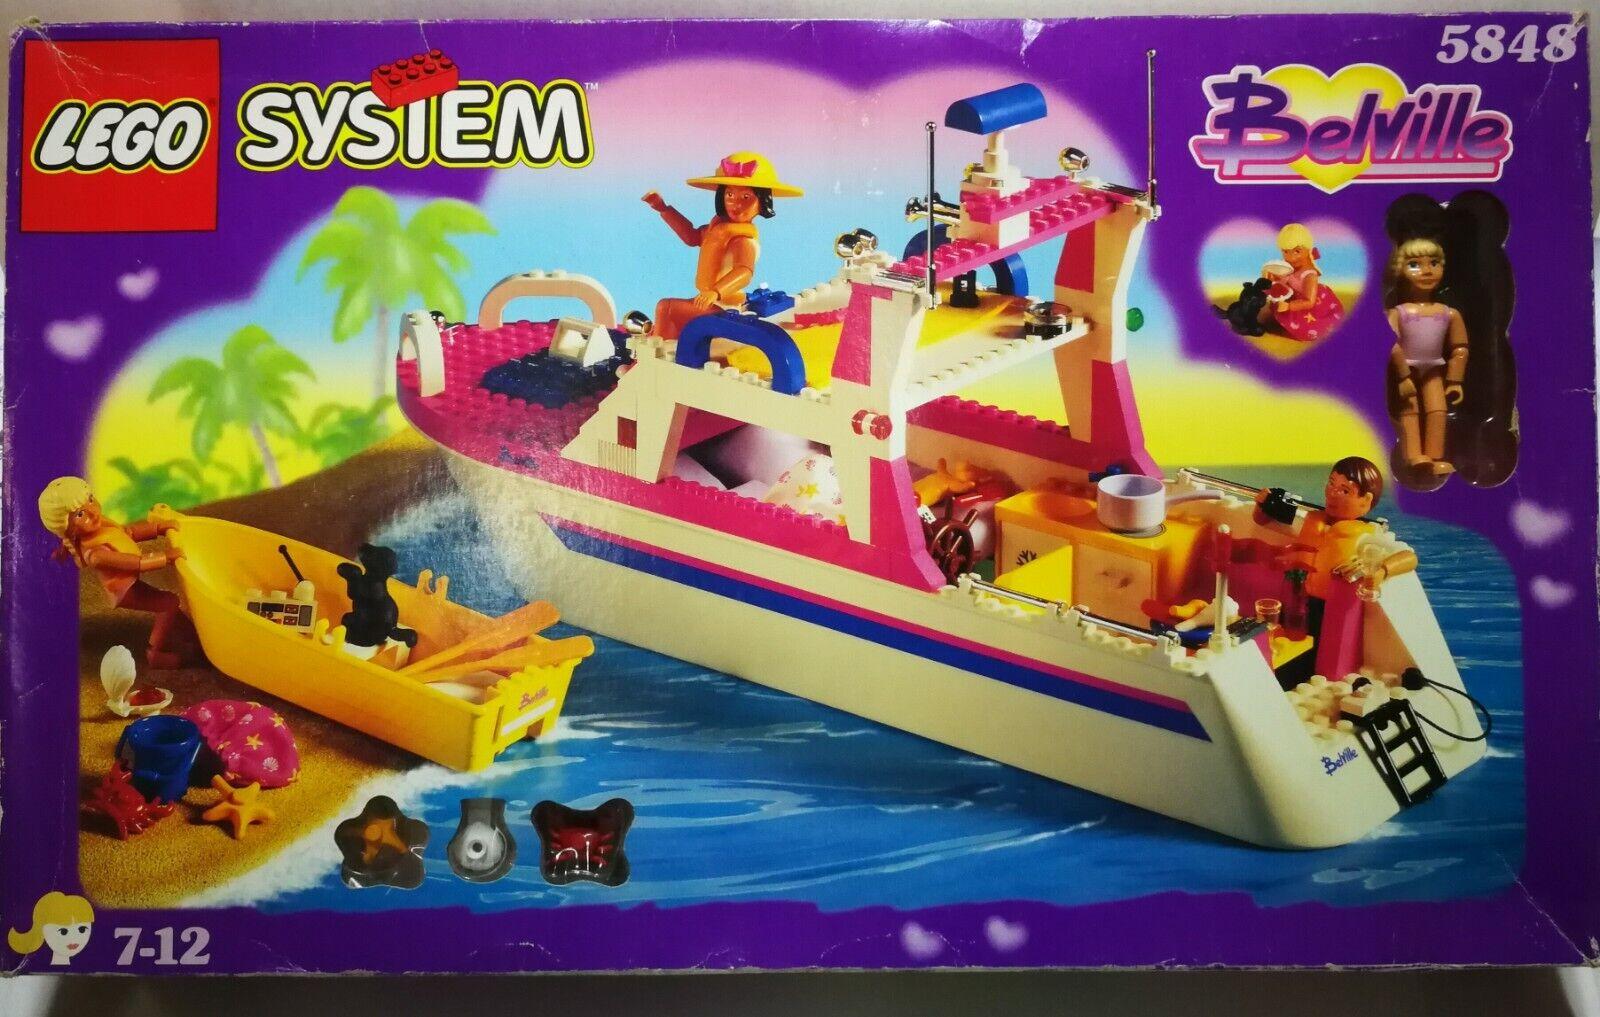 LEGO 5848 uomodarin  MOLTO RARA DI LUSSO DA CROCIERA YACHT NUOVO-OPEN scatola-SIGILLATO contenuto  acquista la qualità autentica al 100%